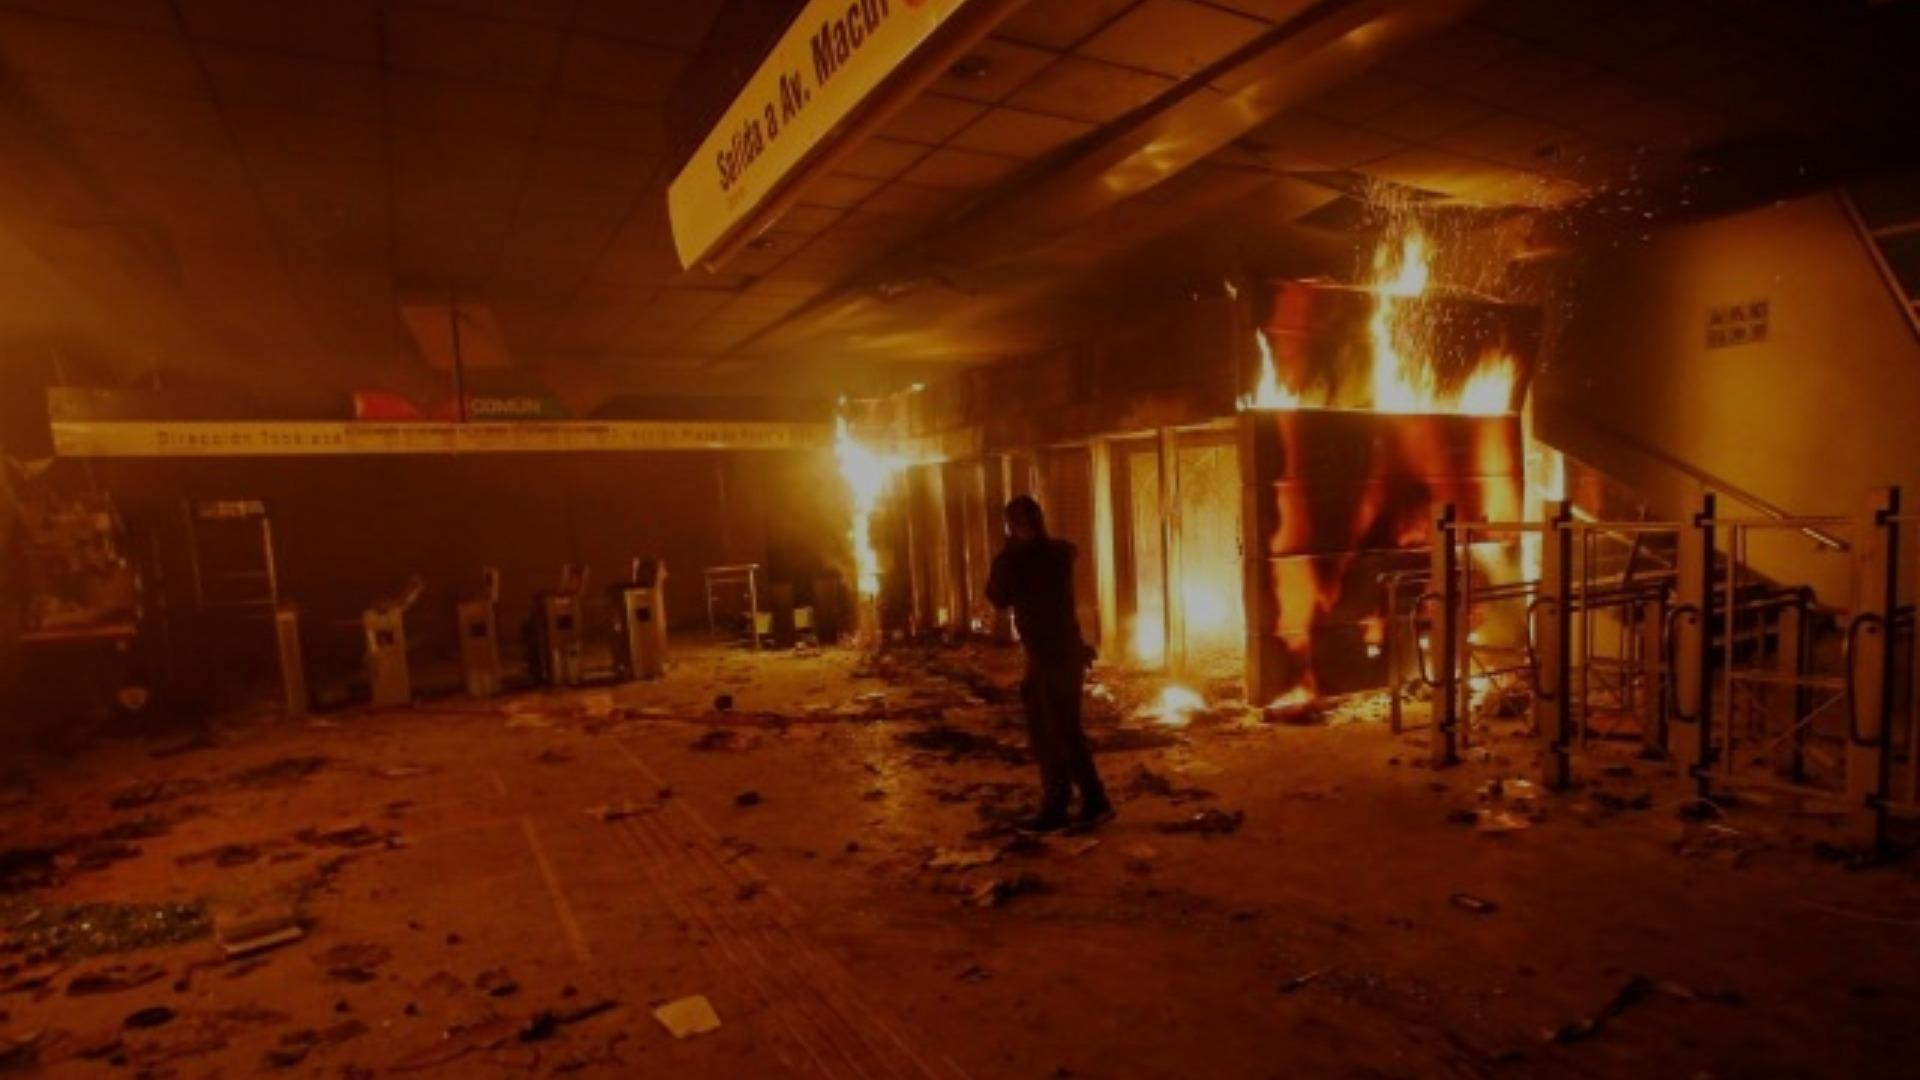 Gobierno de Chile decreta estado de emergencia por jornada vandálica en Santiago